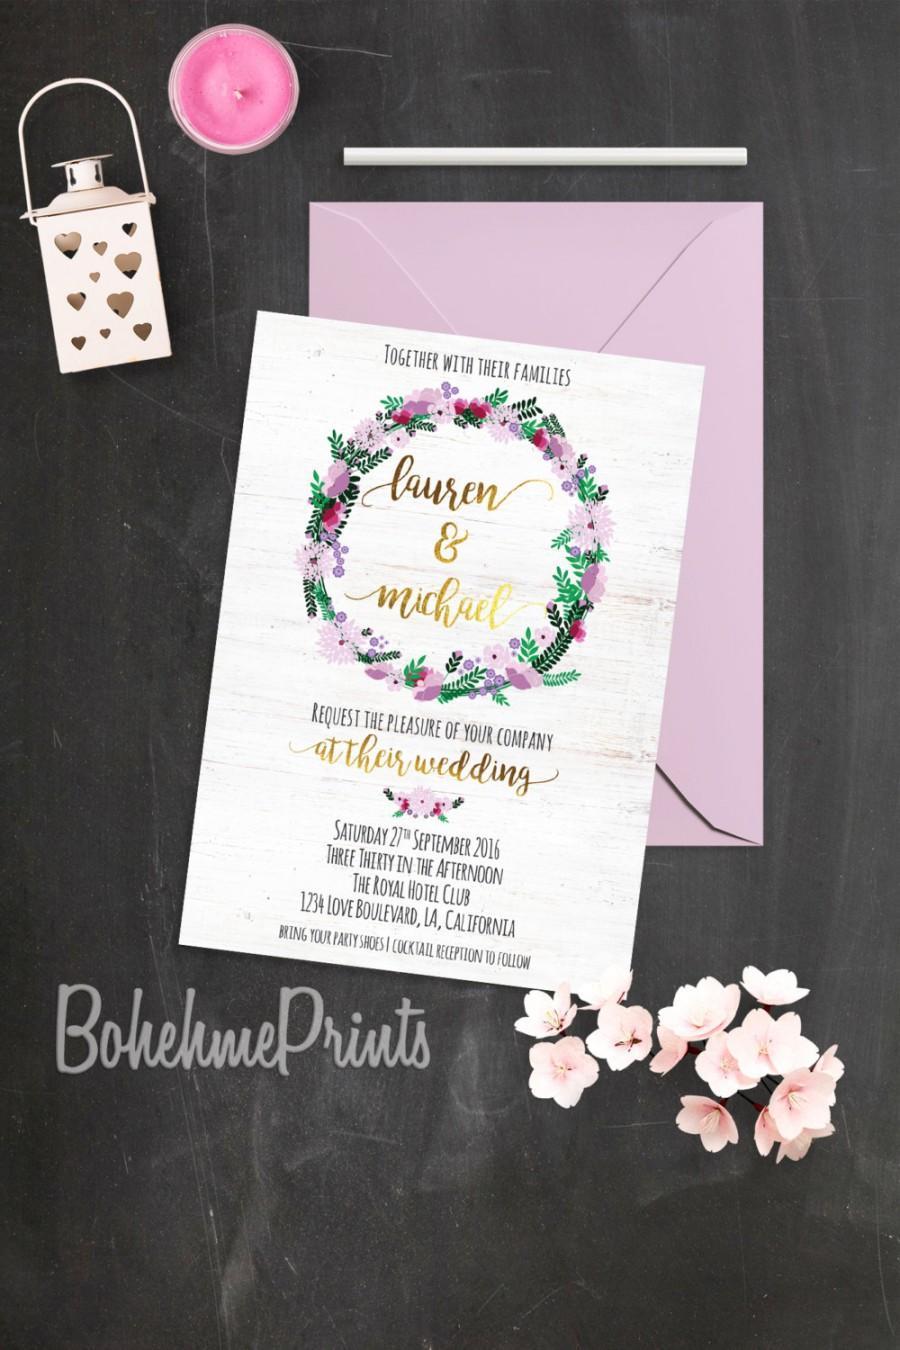 زفاف - Bohemian Wedding Invitation Boho Rustic Wedding Invitation Suite Customizable Wedding Invitation Floral Wreath Wedding Invitation Printable